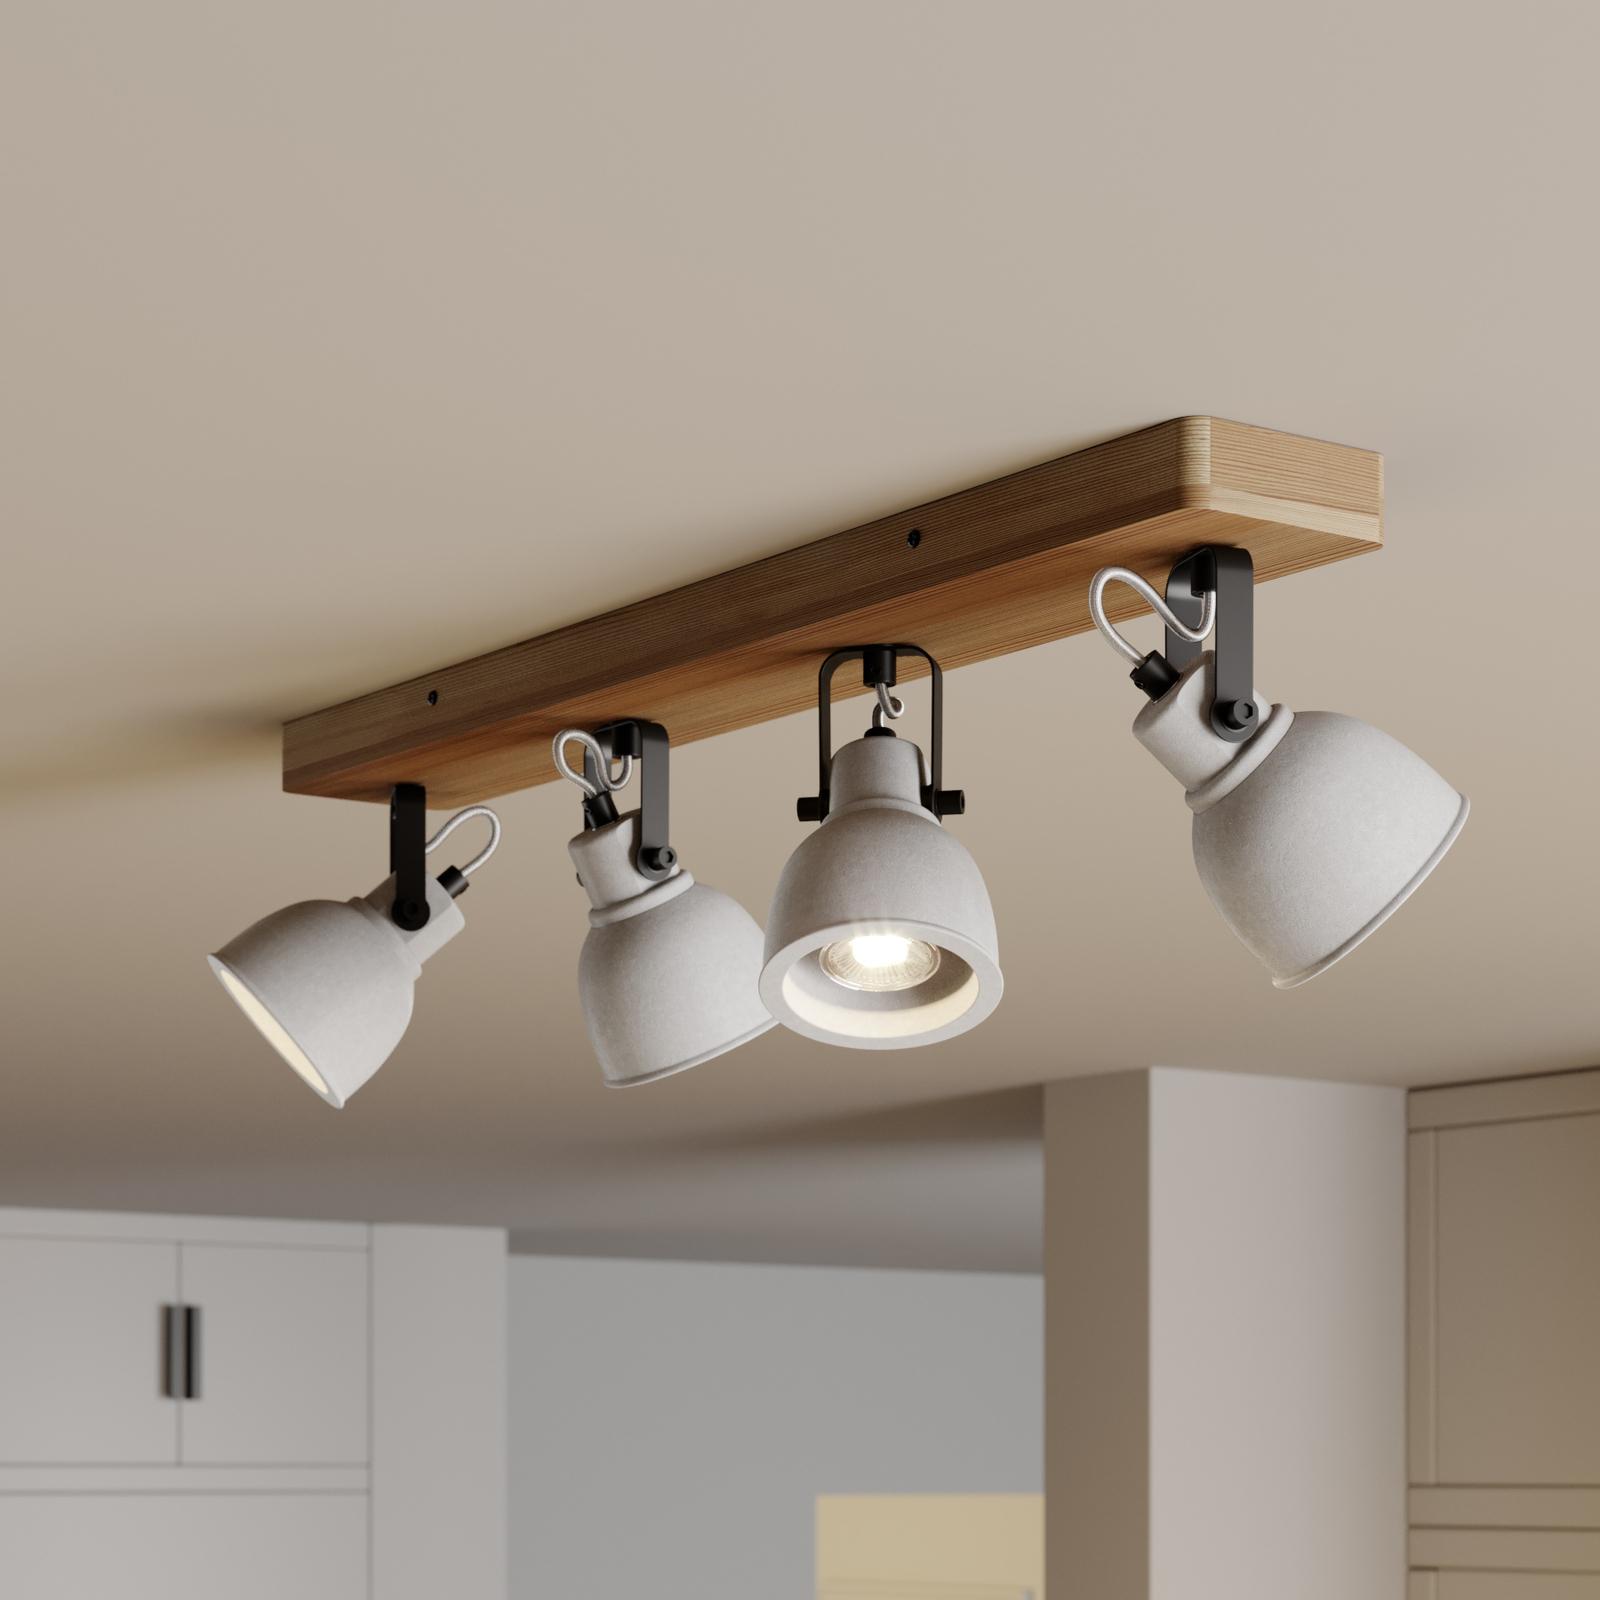 Lindby Mirka lampa sufitowa LED, sosna, 4-pkt.